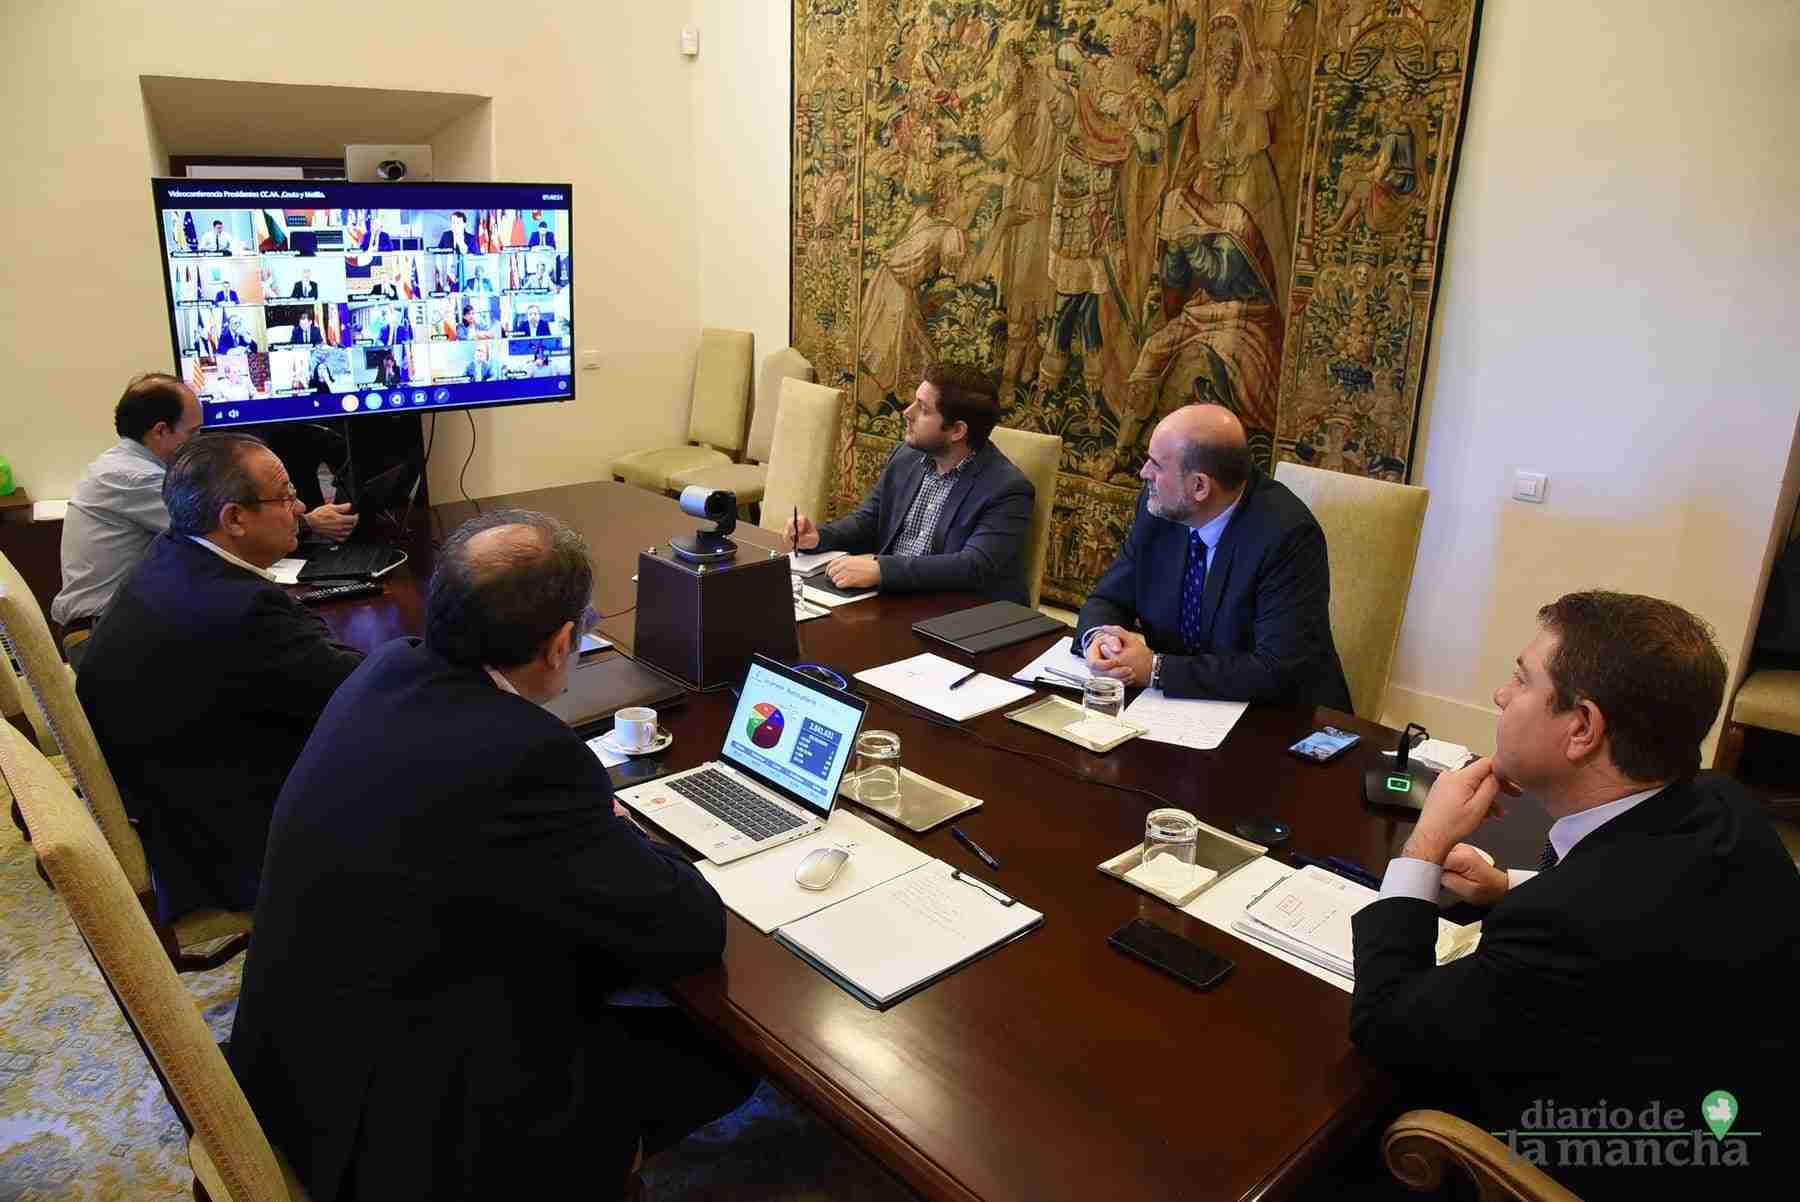 Videoconferencia de los presidentes autonómicos con el presidente del Gobierno de España 21